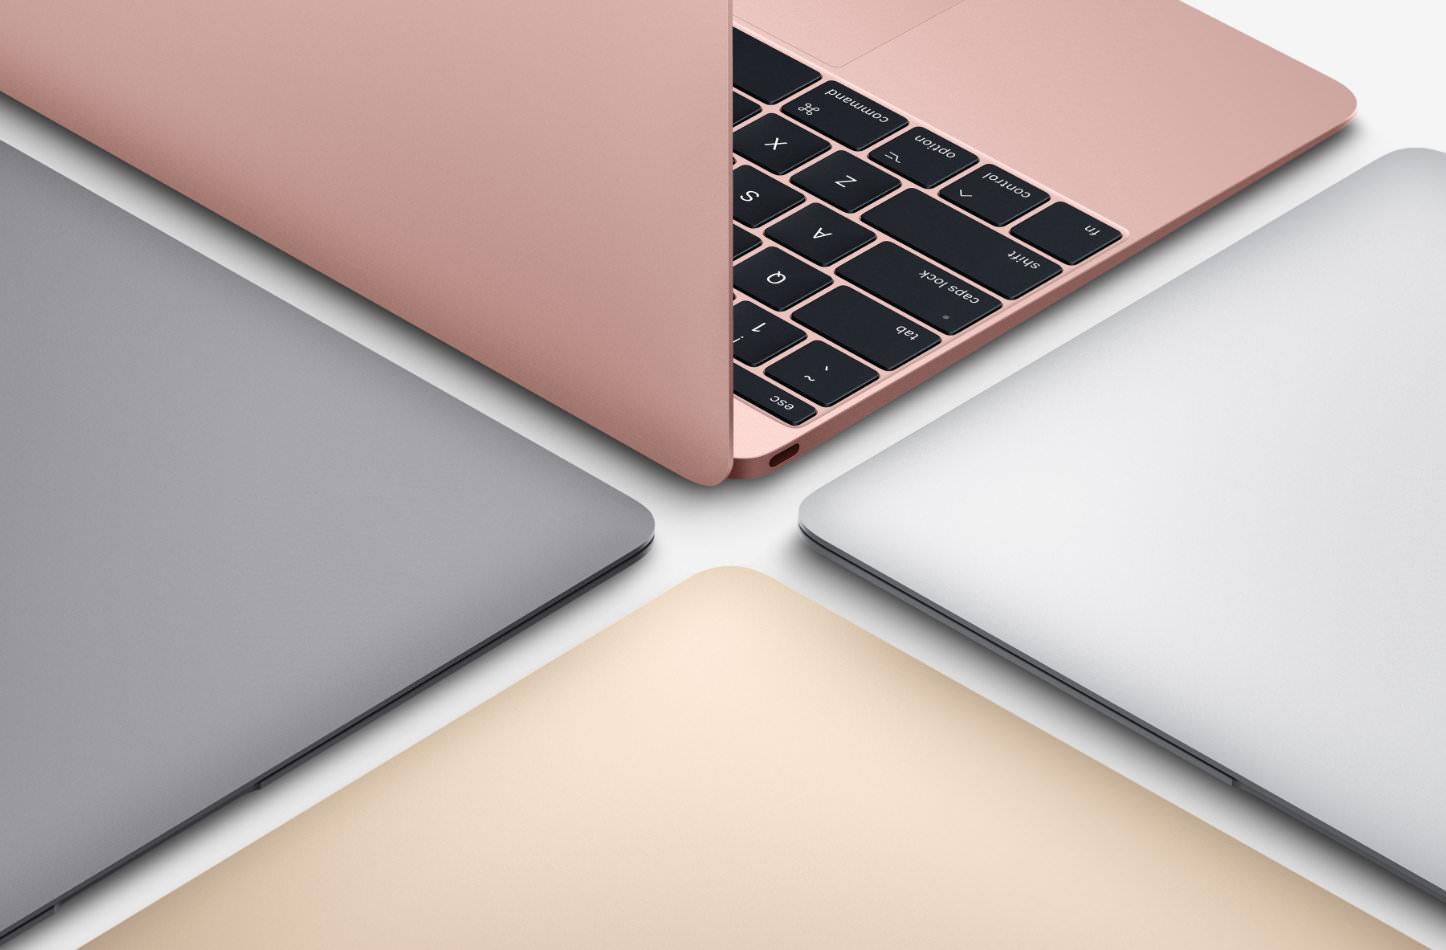 MacBook 12inch Hero